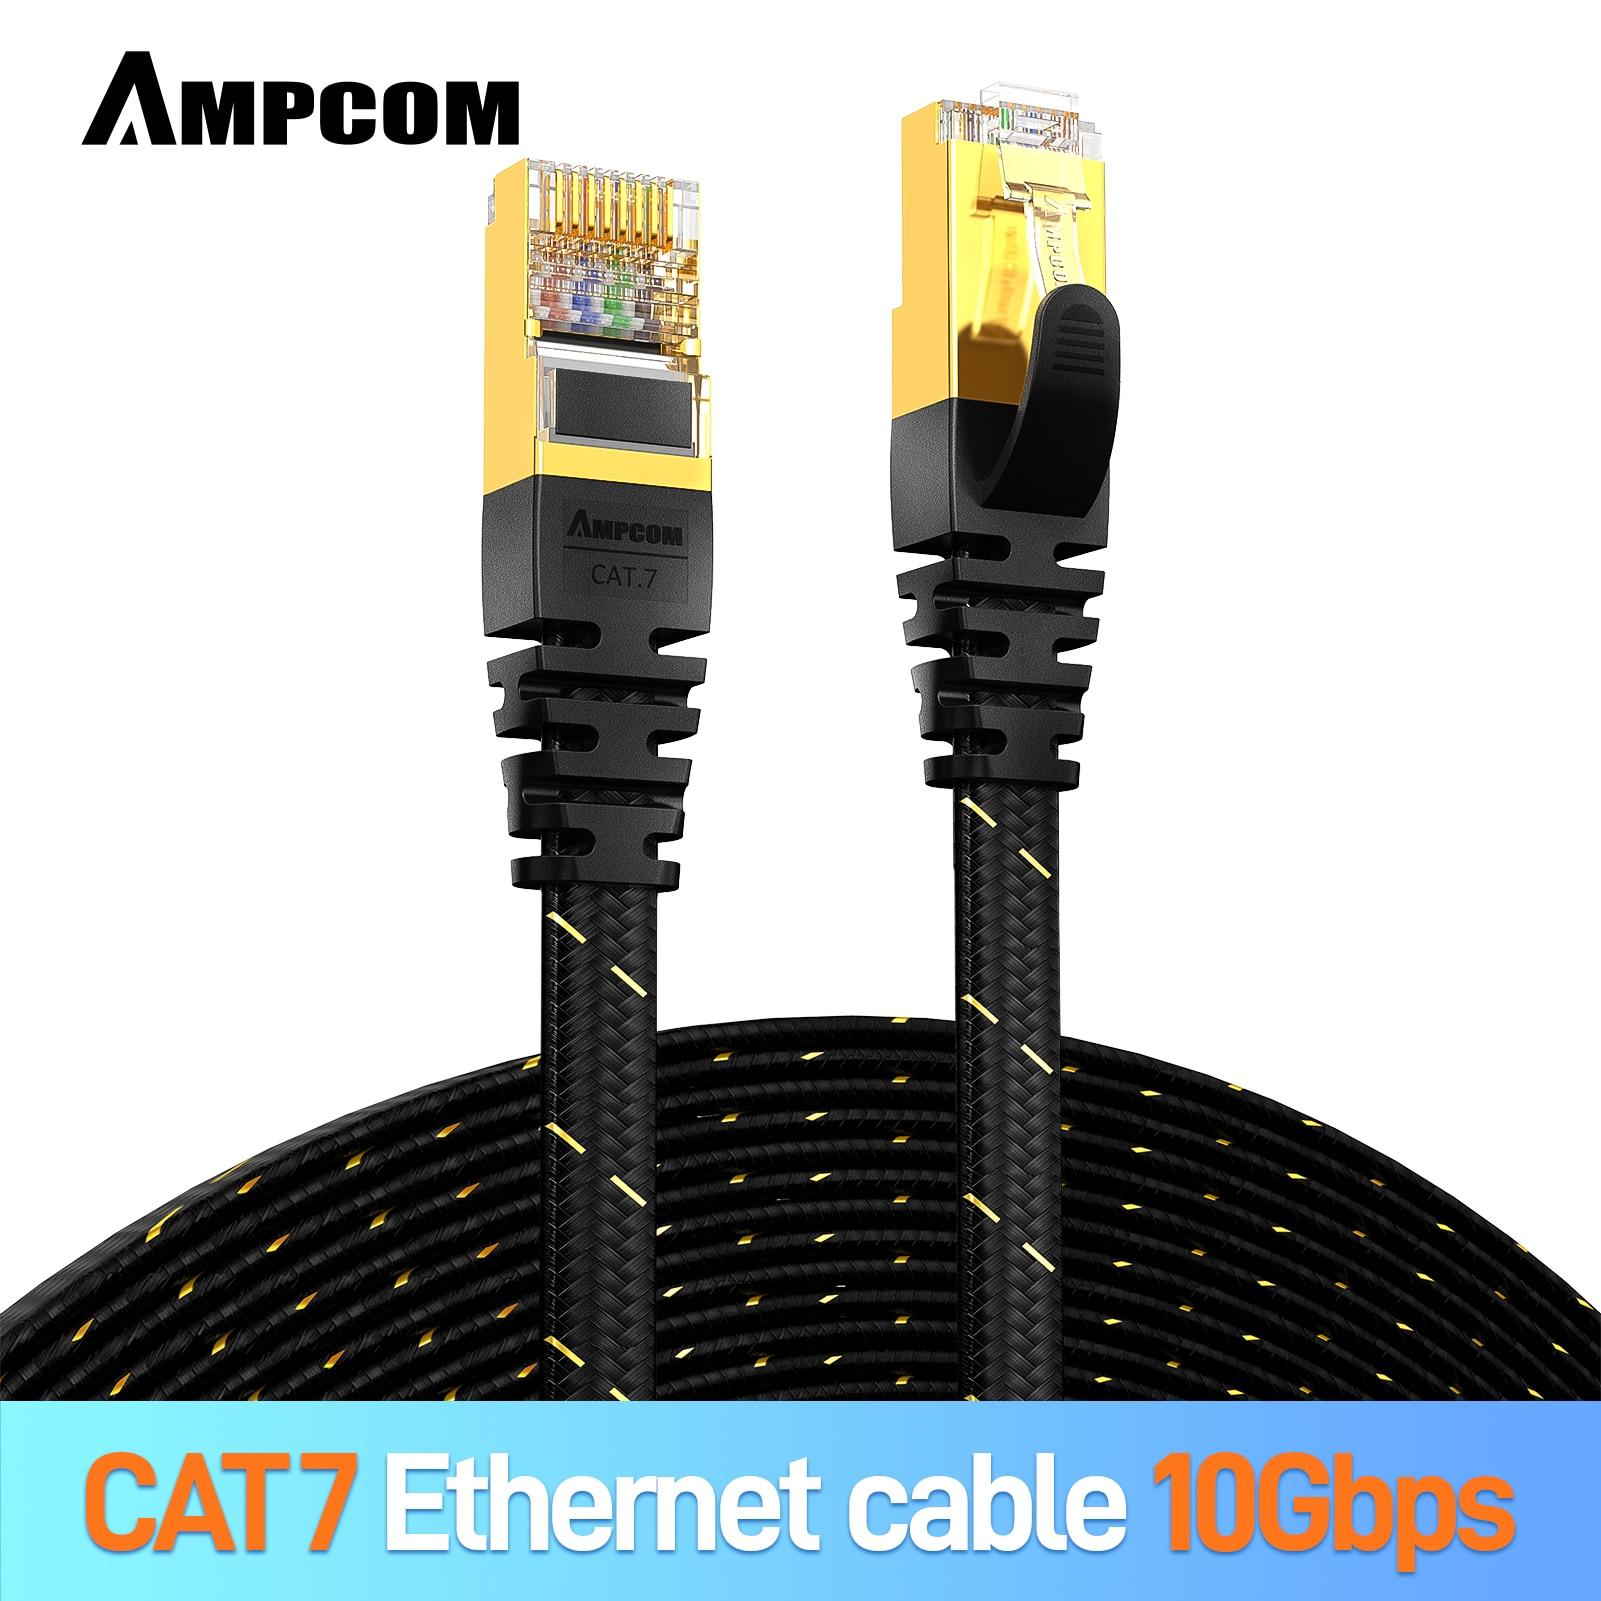 Кабель Ethernet AMPCOM CAT7 (10G 600MHz), экранированный плоский сетевой кабель RJ45 с пачччворк, 50u позолоченный свинец, Полиэстеровая оплетка